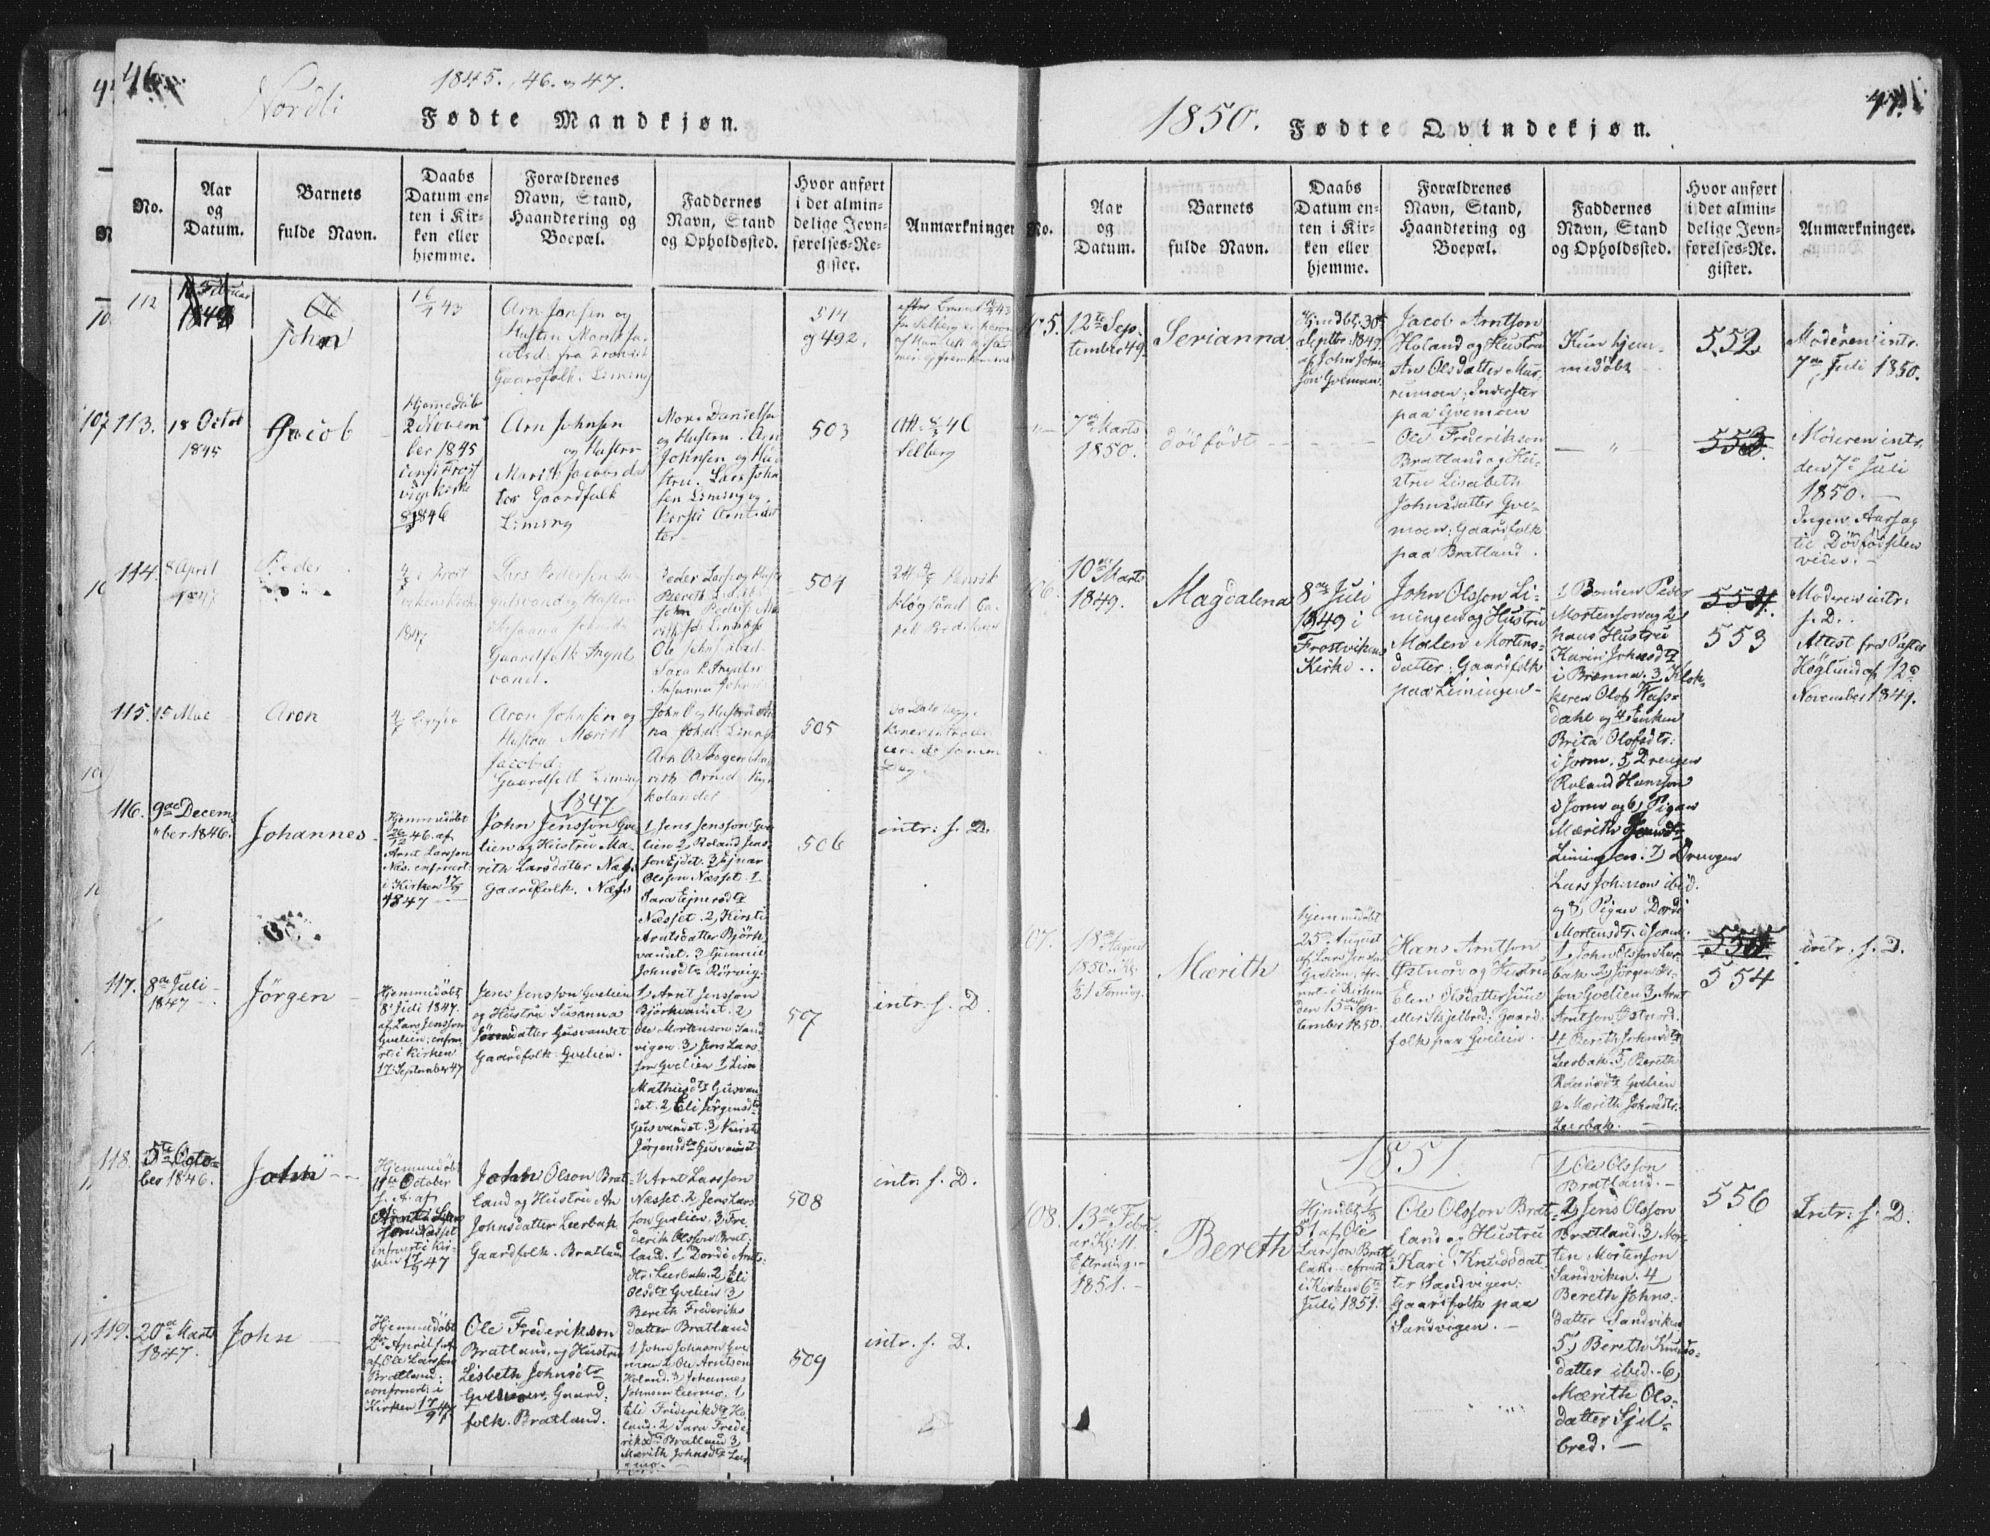 SAT, Ministerialprotokoller, klokkerbøker og fødselsregistre - Nord-Trøndelag, 755/L0491: Ministerialbok nr. 755A01 /1, 1817-1864, s. 46-47